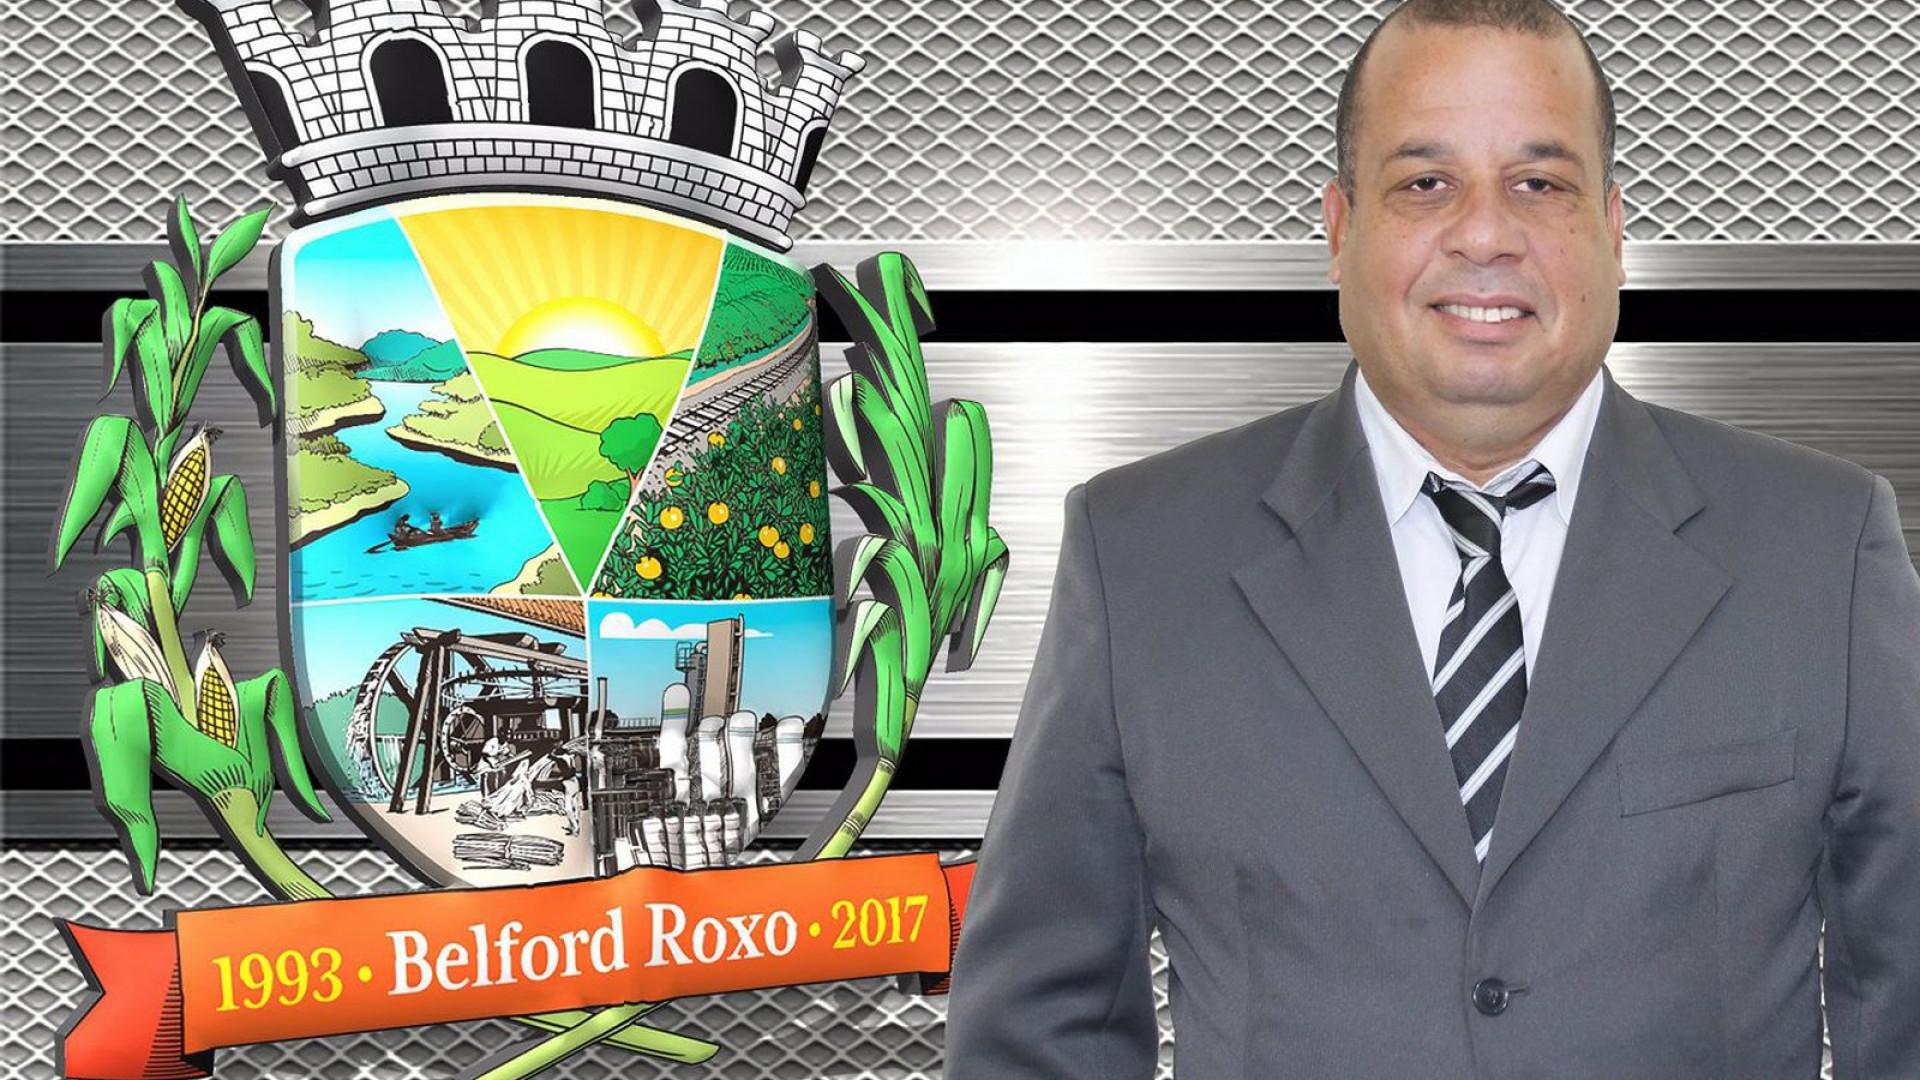 Vereador sofre atentado e é baleado no Rio; PM também fica ferido